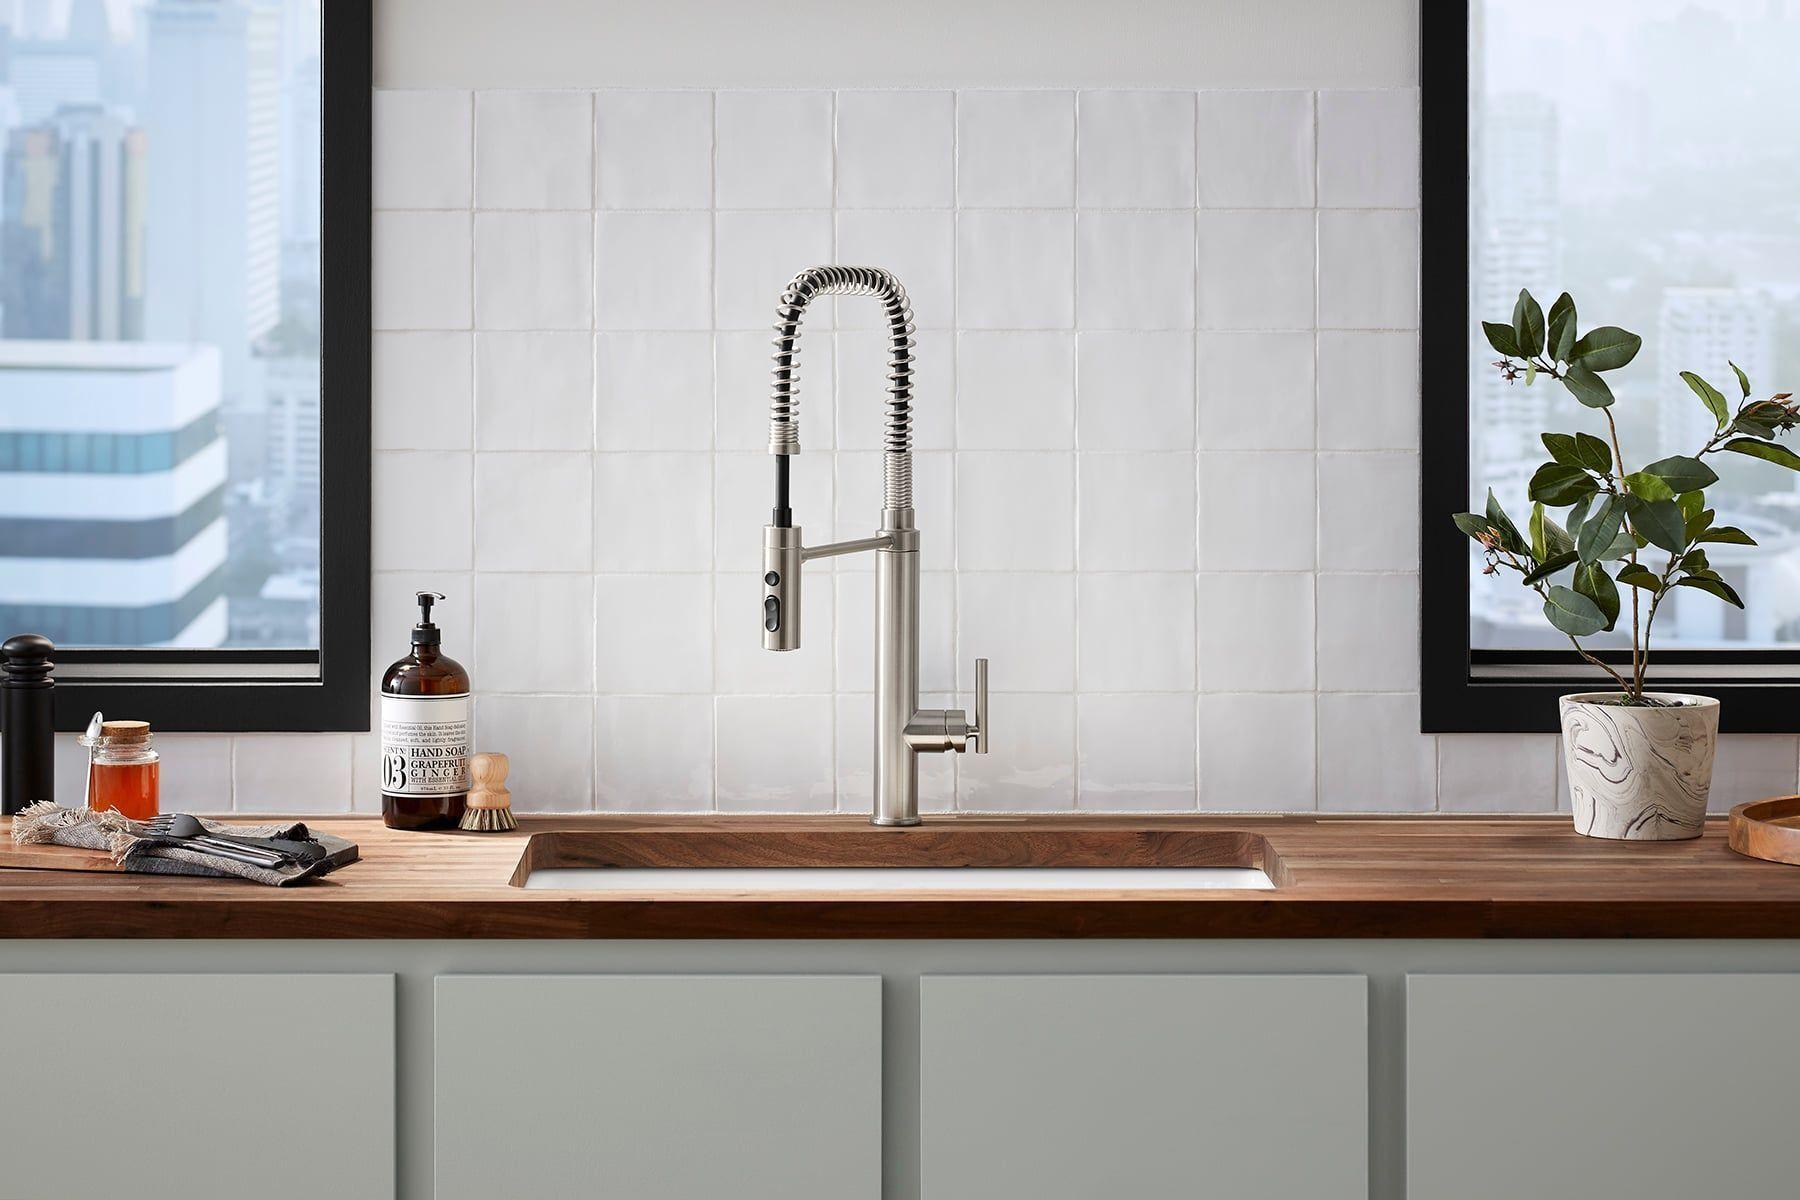 Kohler Semi Pro Kitchen Faucet Costco Reviews Kitchen Handles Single Handle Kitchen Faucet Kitchen Faucet